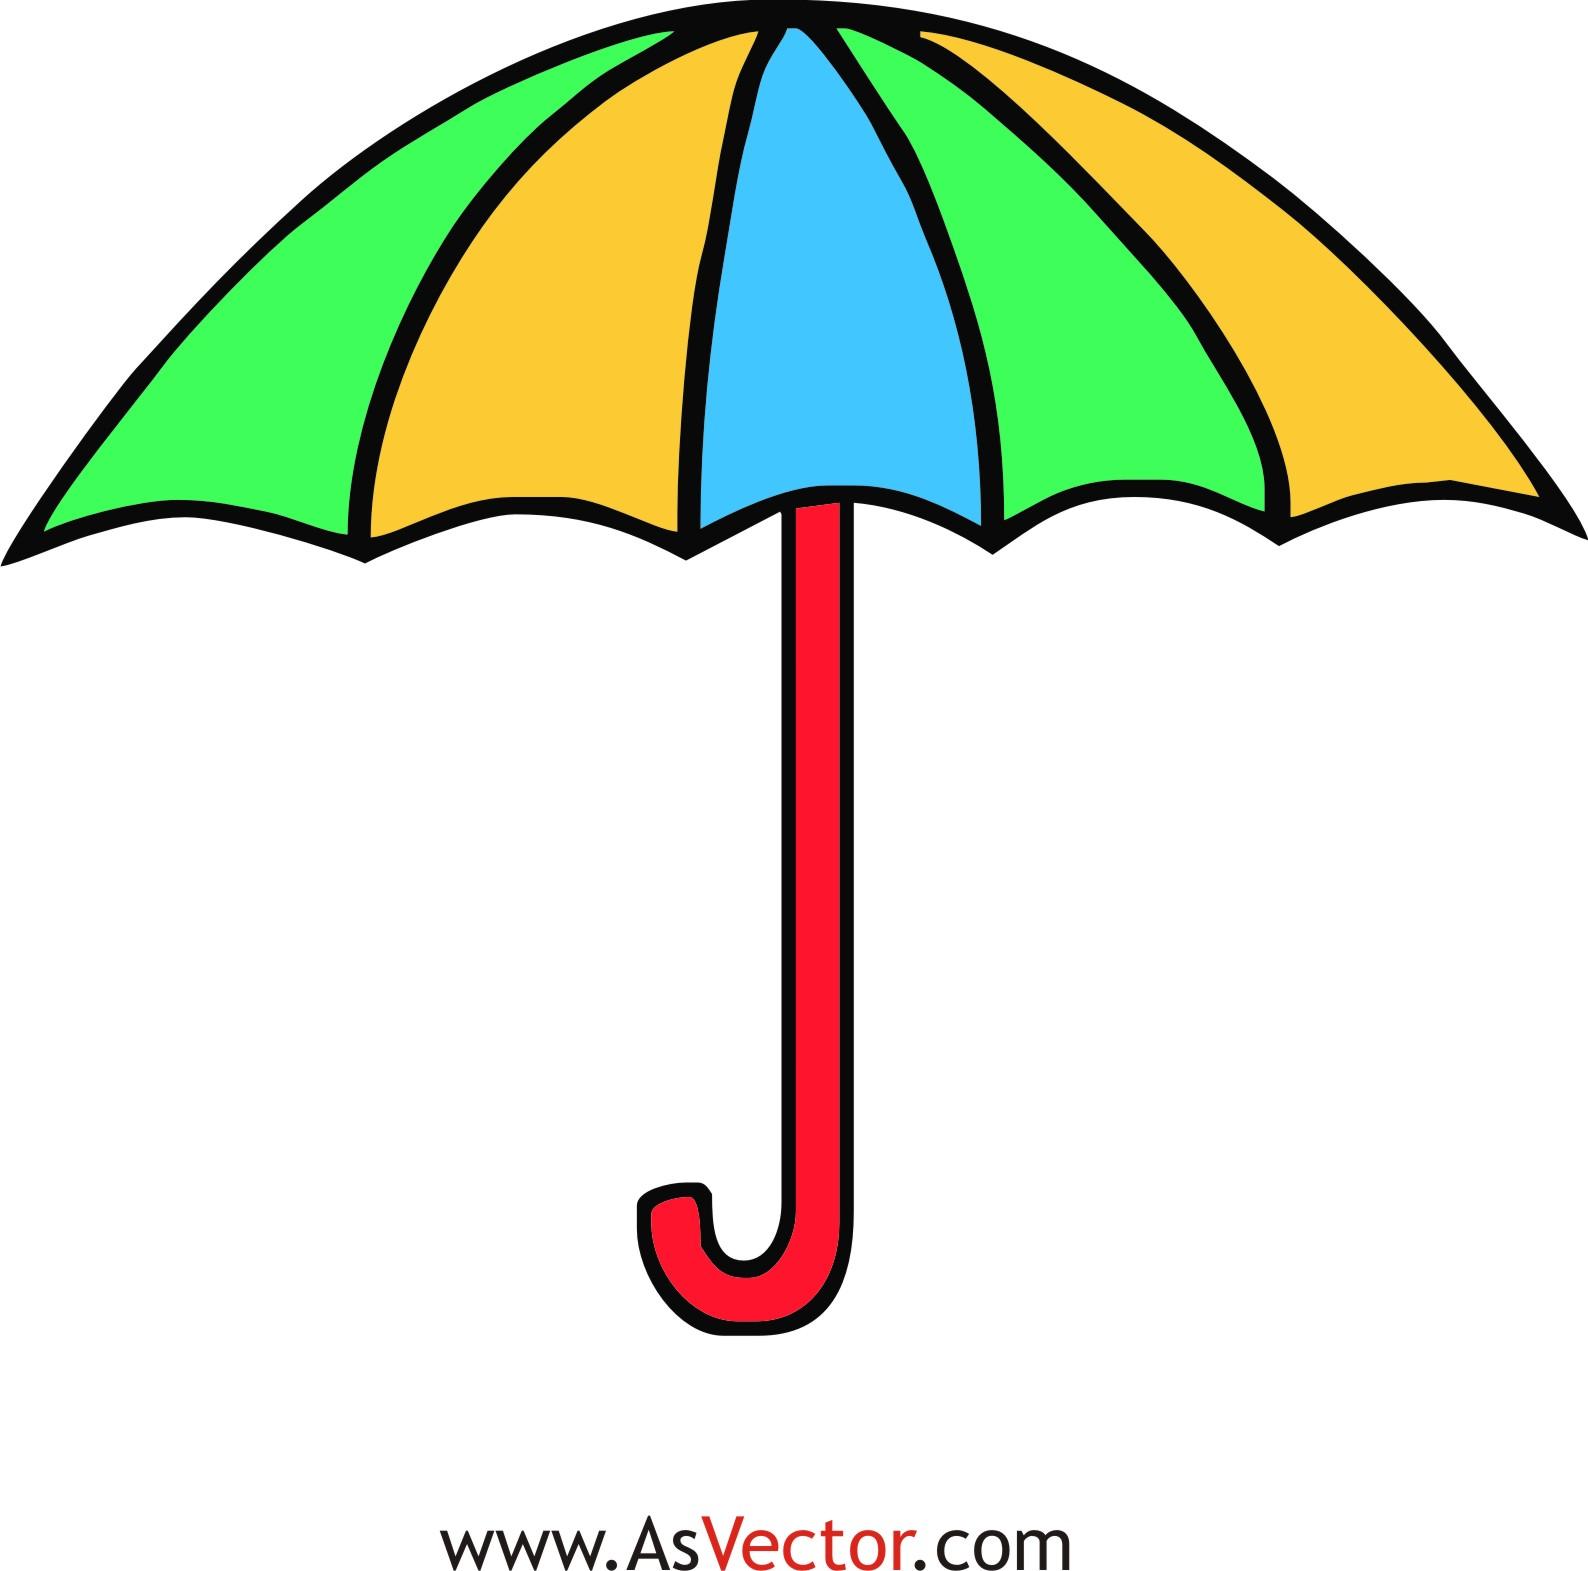 1588x1571 Free Umbrella Clipart Public Domain Umbrella Clip Art Images 2